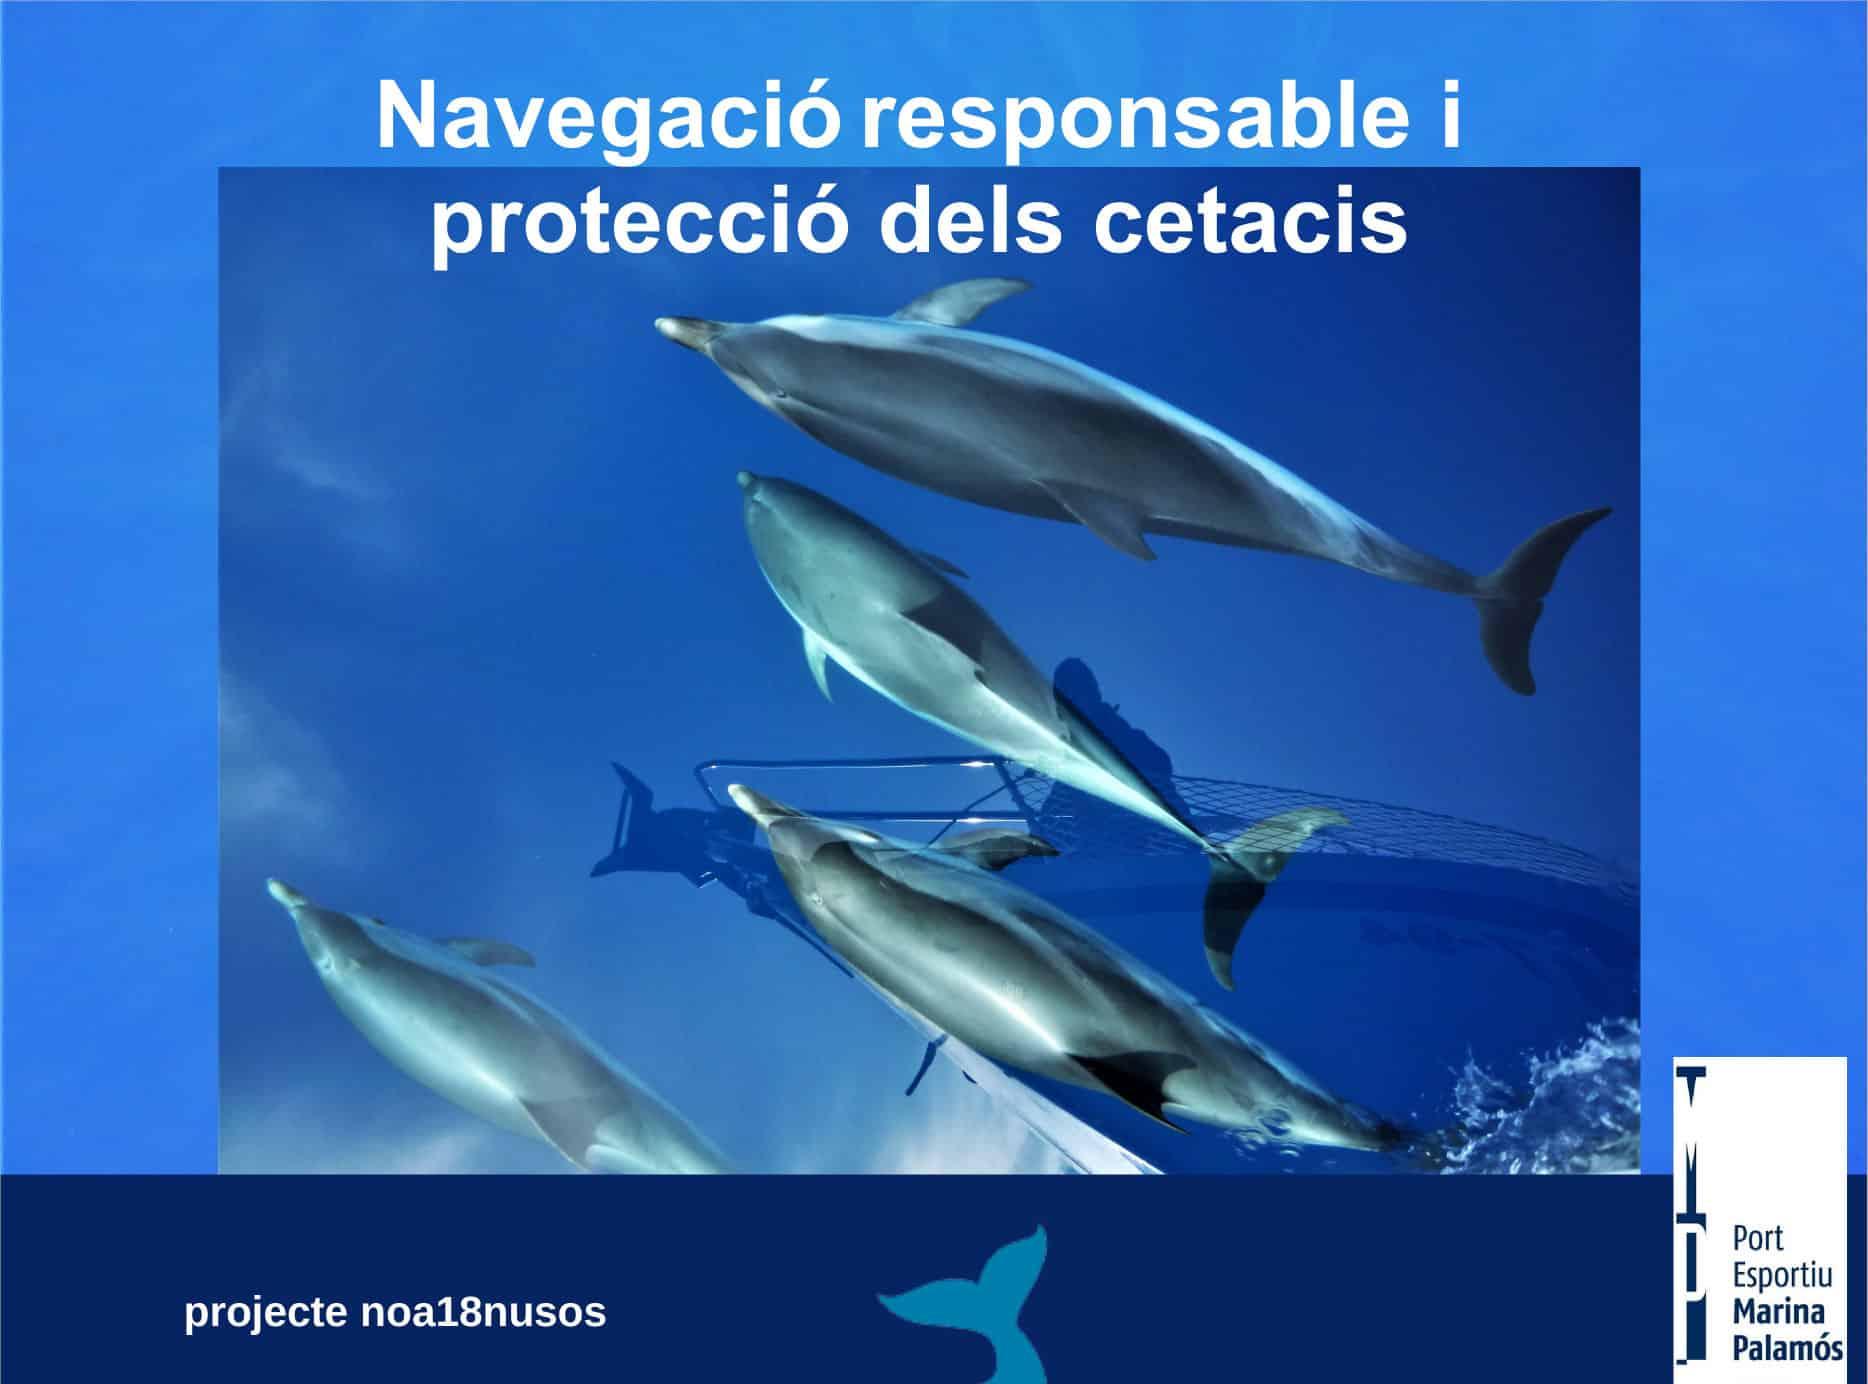 Navegació responsable i protecció de cetacis